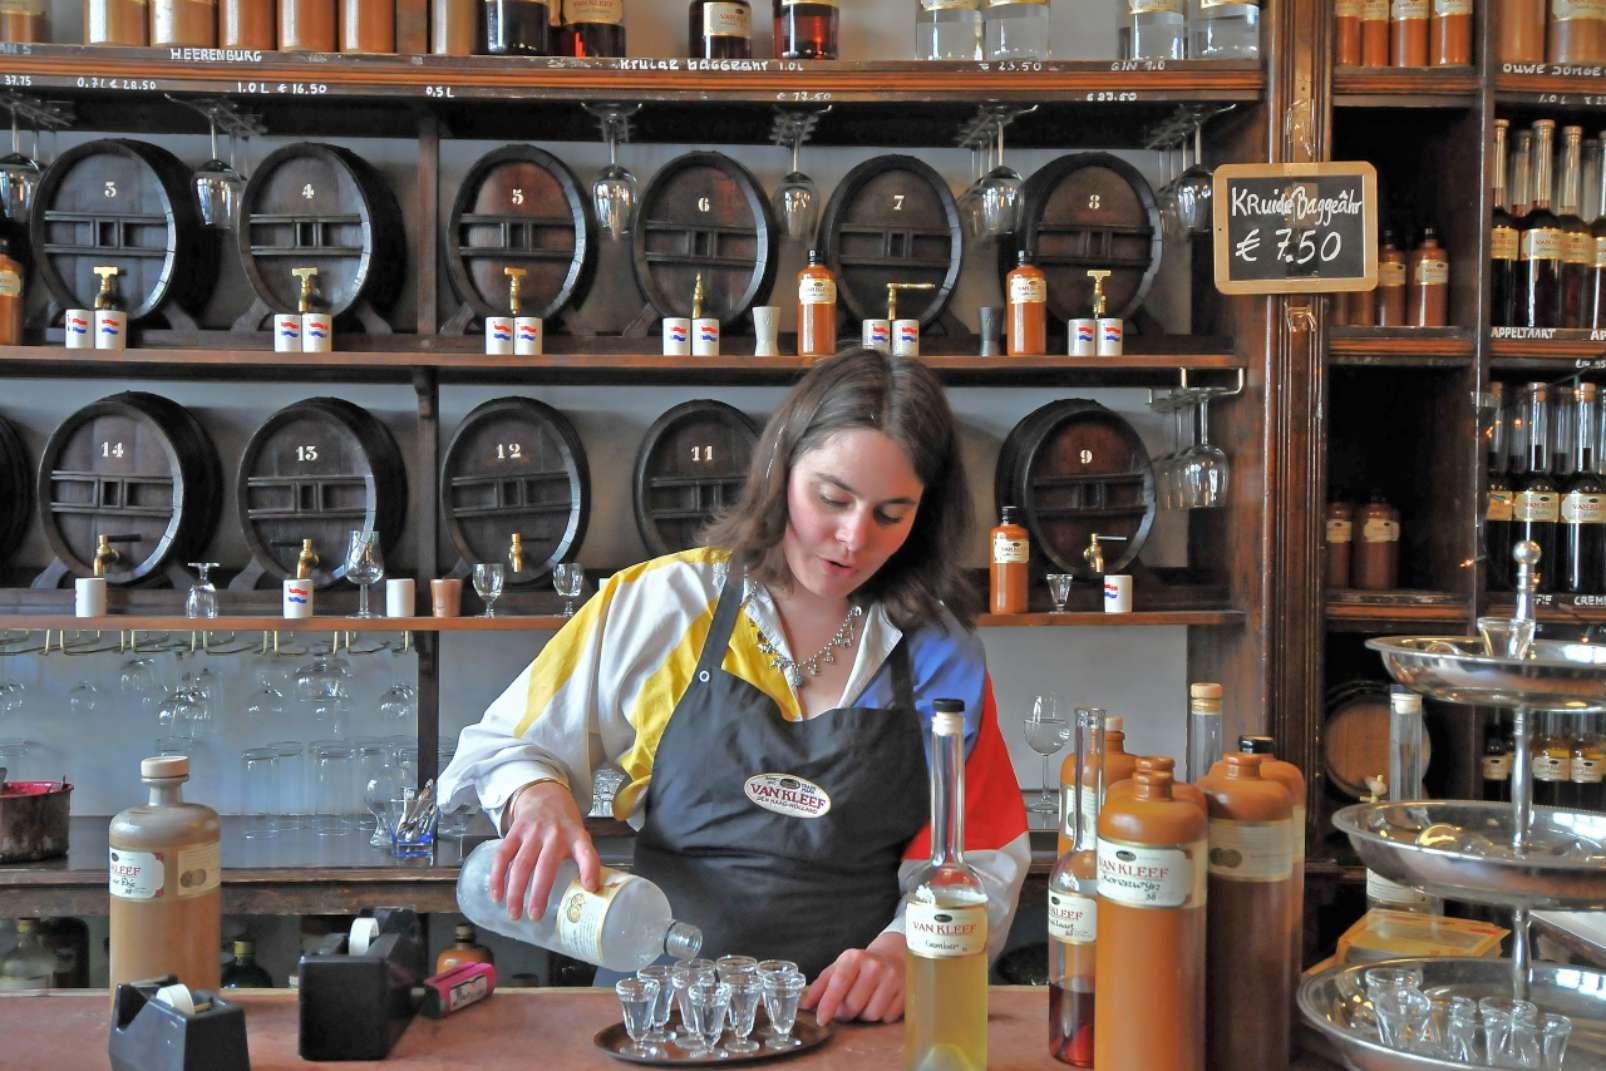 Van Kleef & Zoon distillery Den Haag